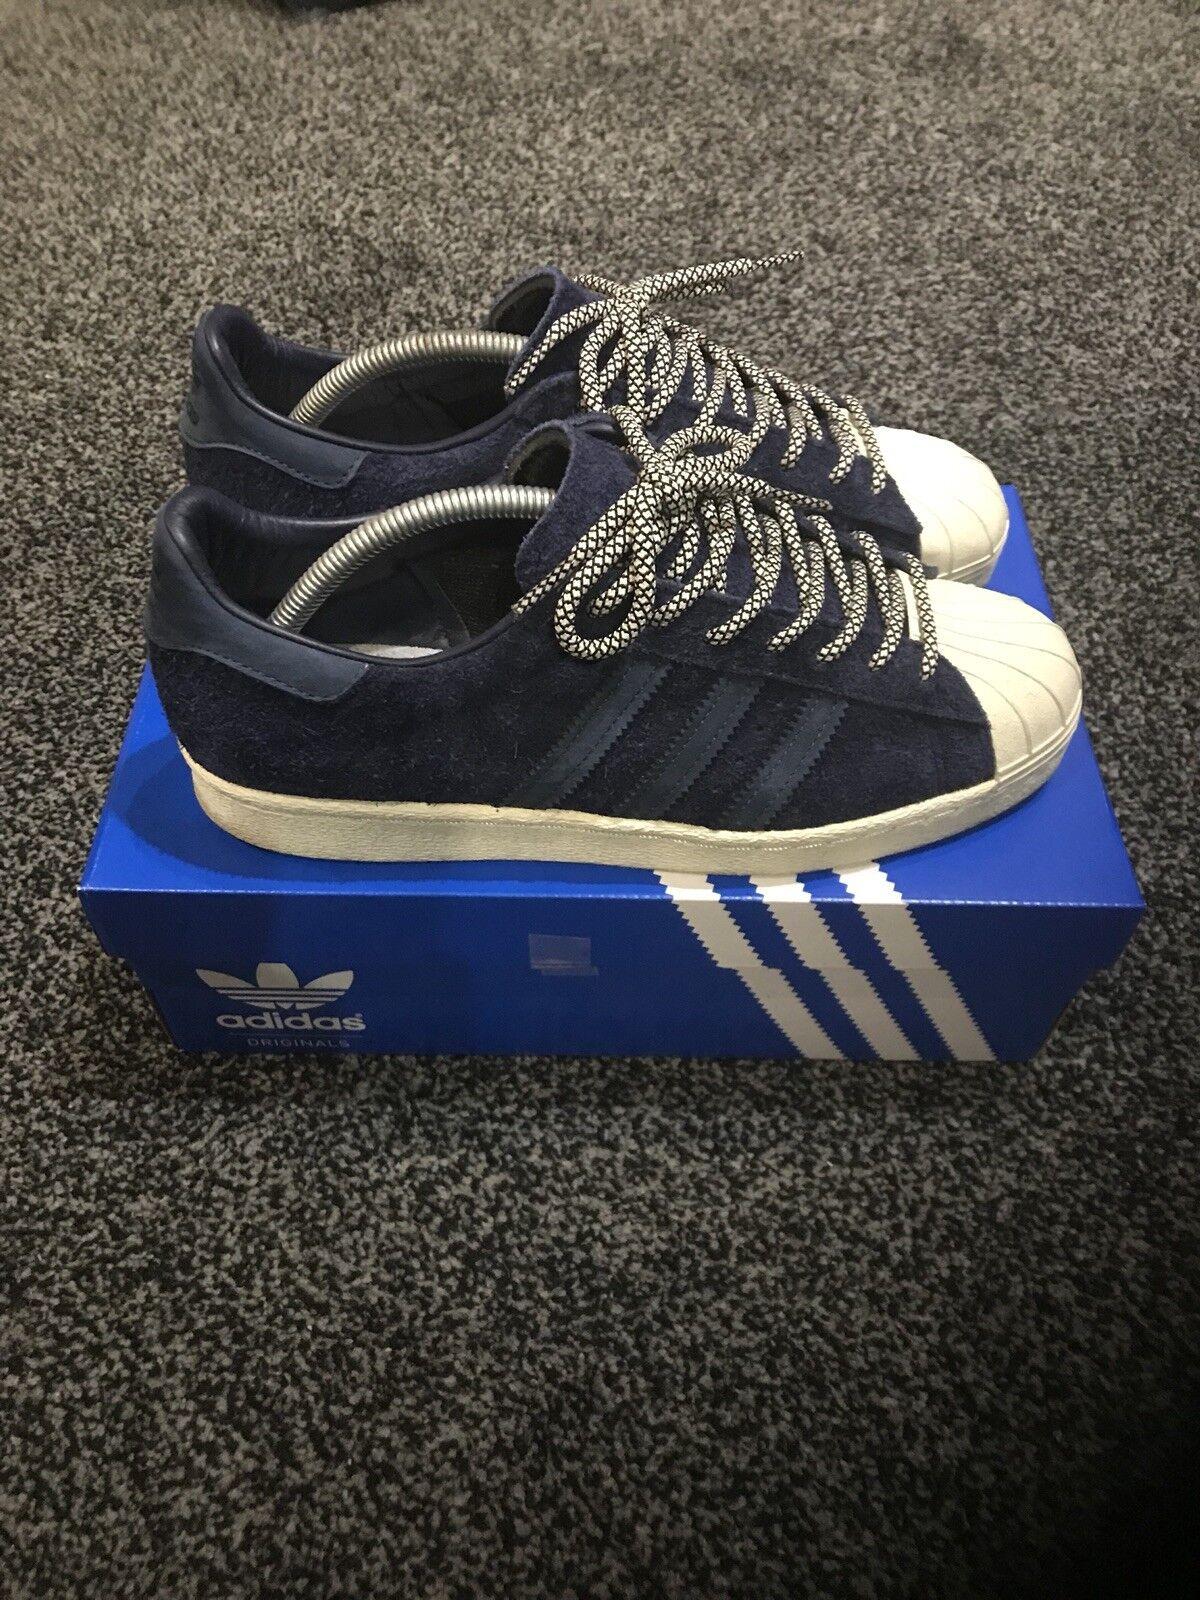 Adidas Superstar tamaño uk7 Excelente Estado Azul Con Gamuza